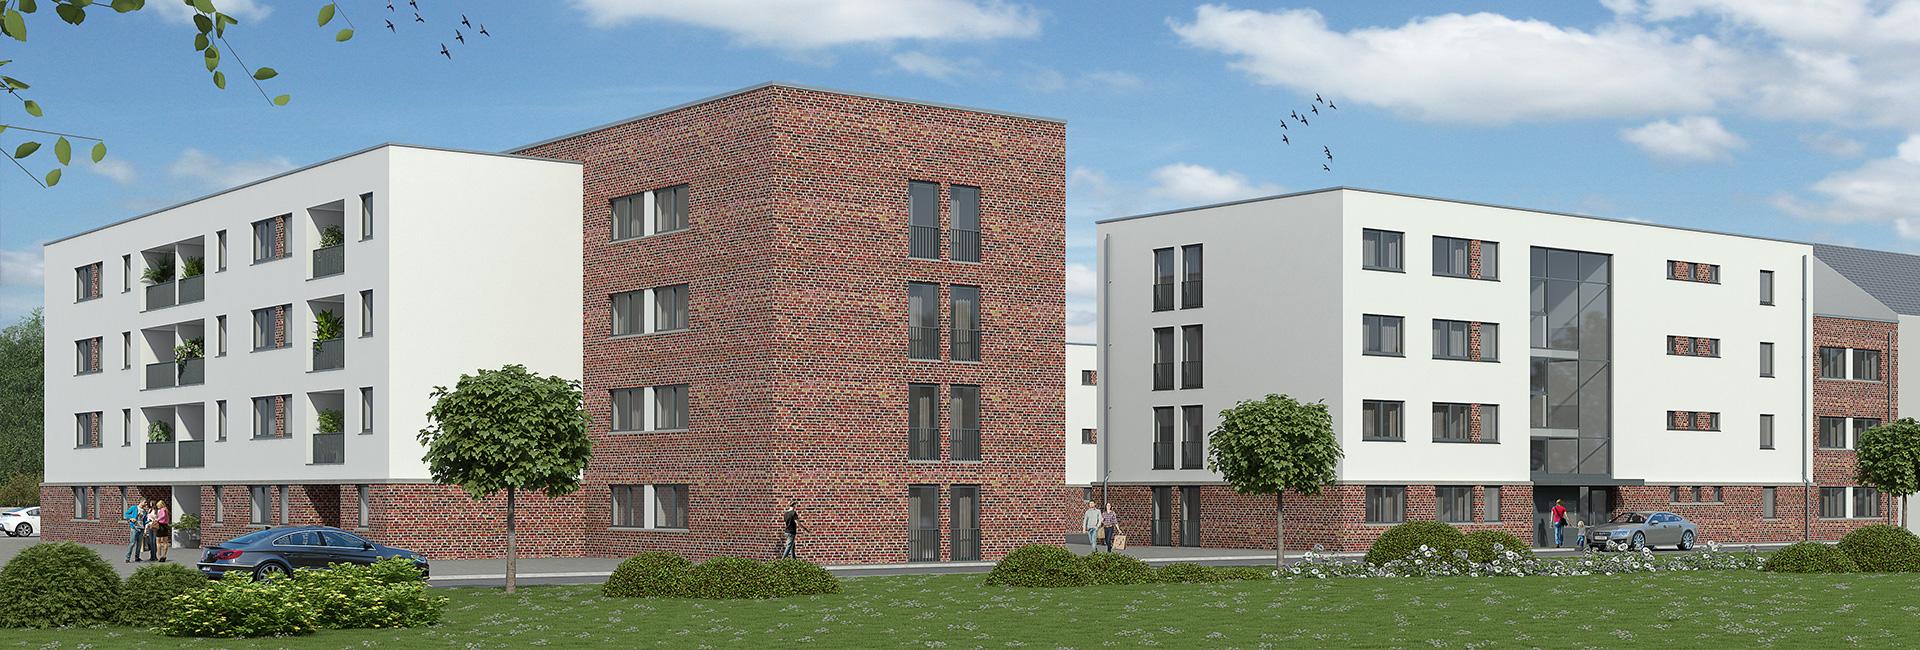 Elektro E.S.A.D. Bauprojekt Werthstrasse